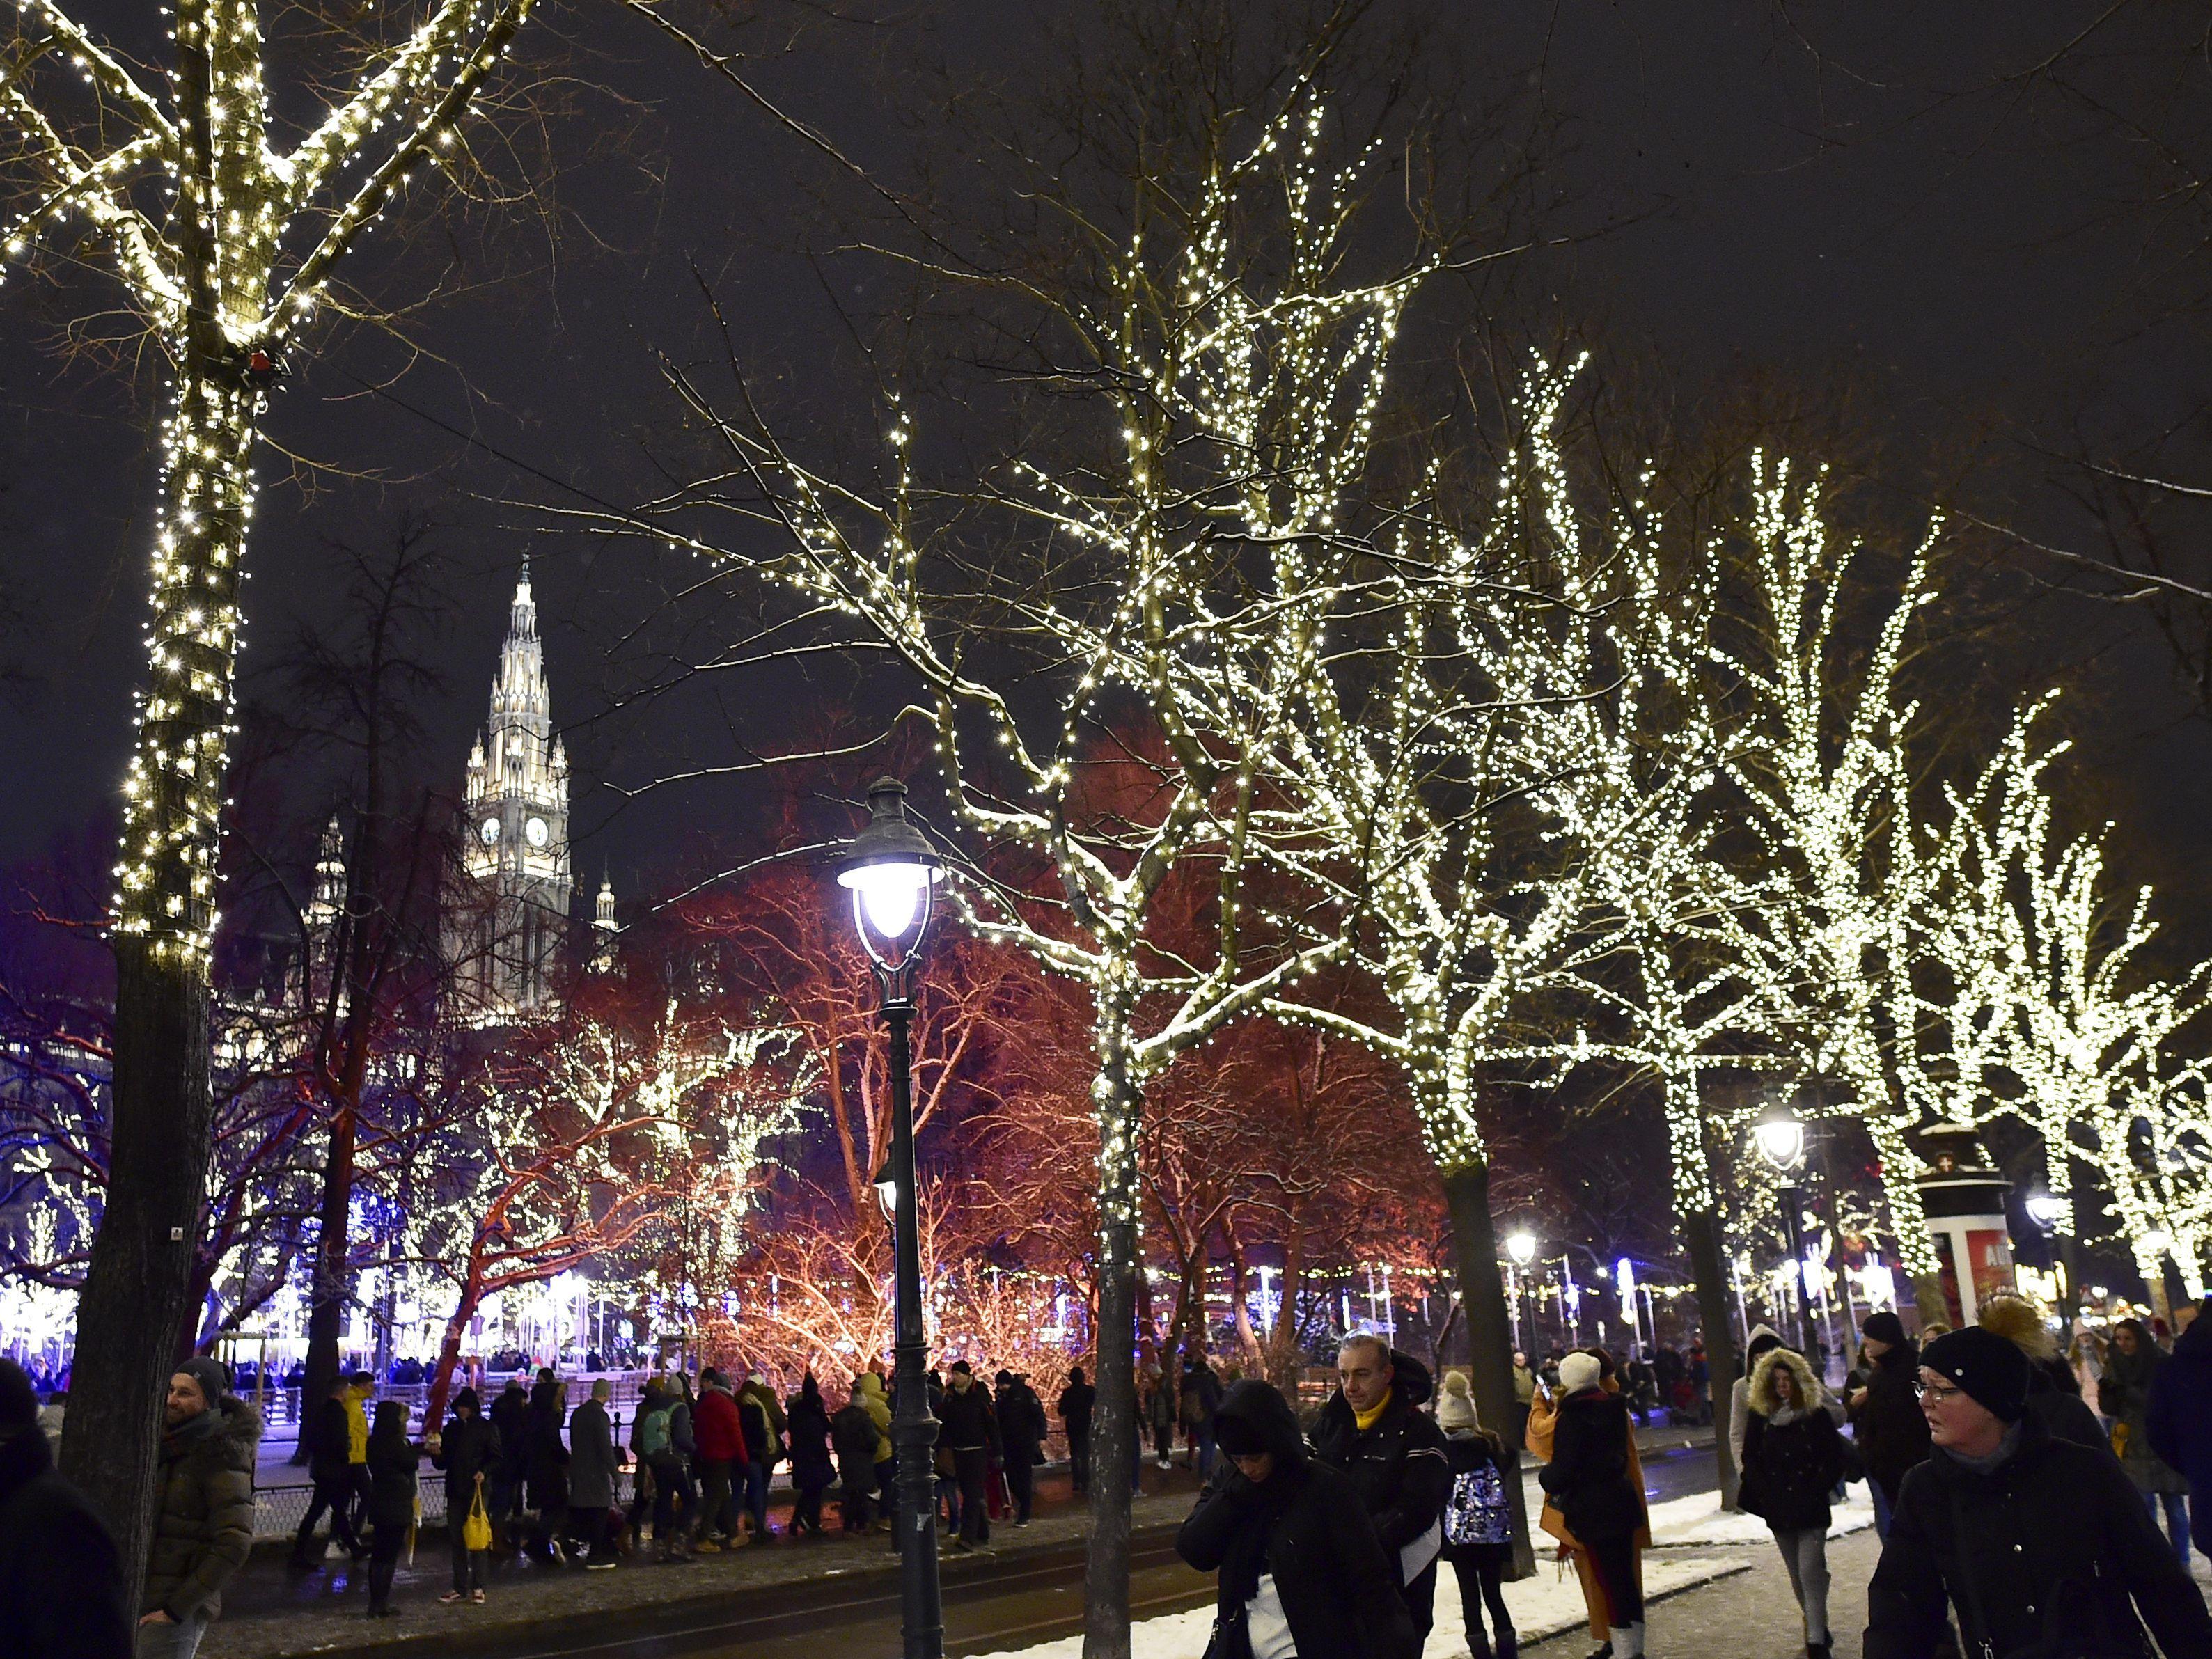 Bilder Zu Weihnachten.Weihnachten In Wien Vienna At